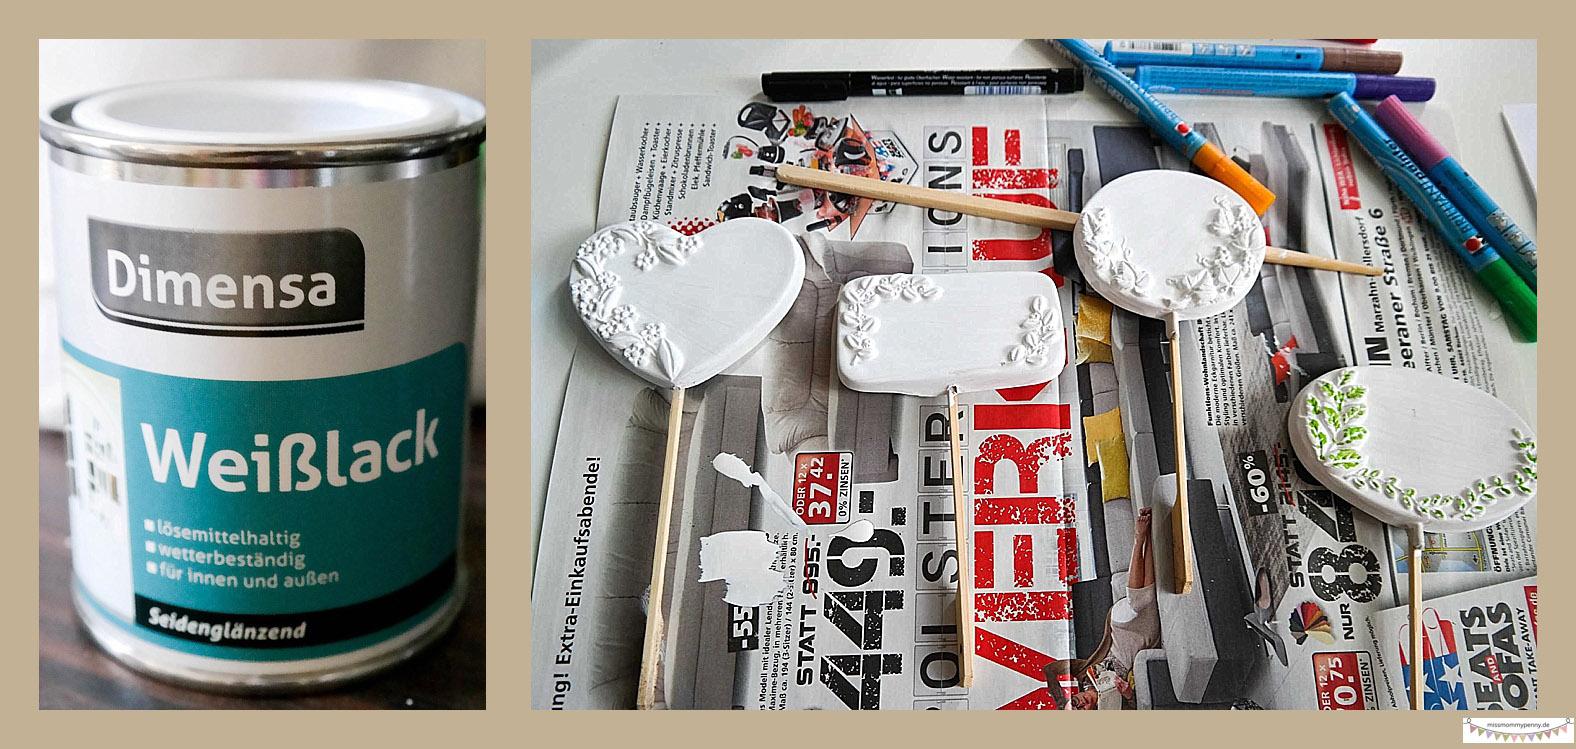 Antiquitäten & Kunst Schnelle Lieferung Großes Hirschgeweih Mangelware